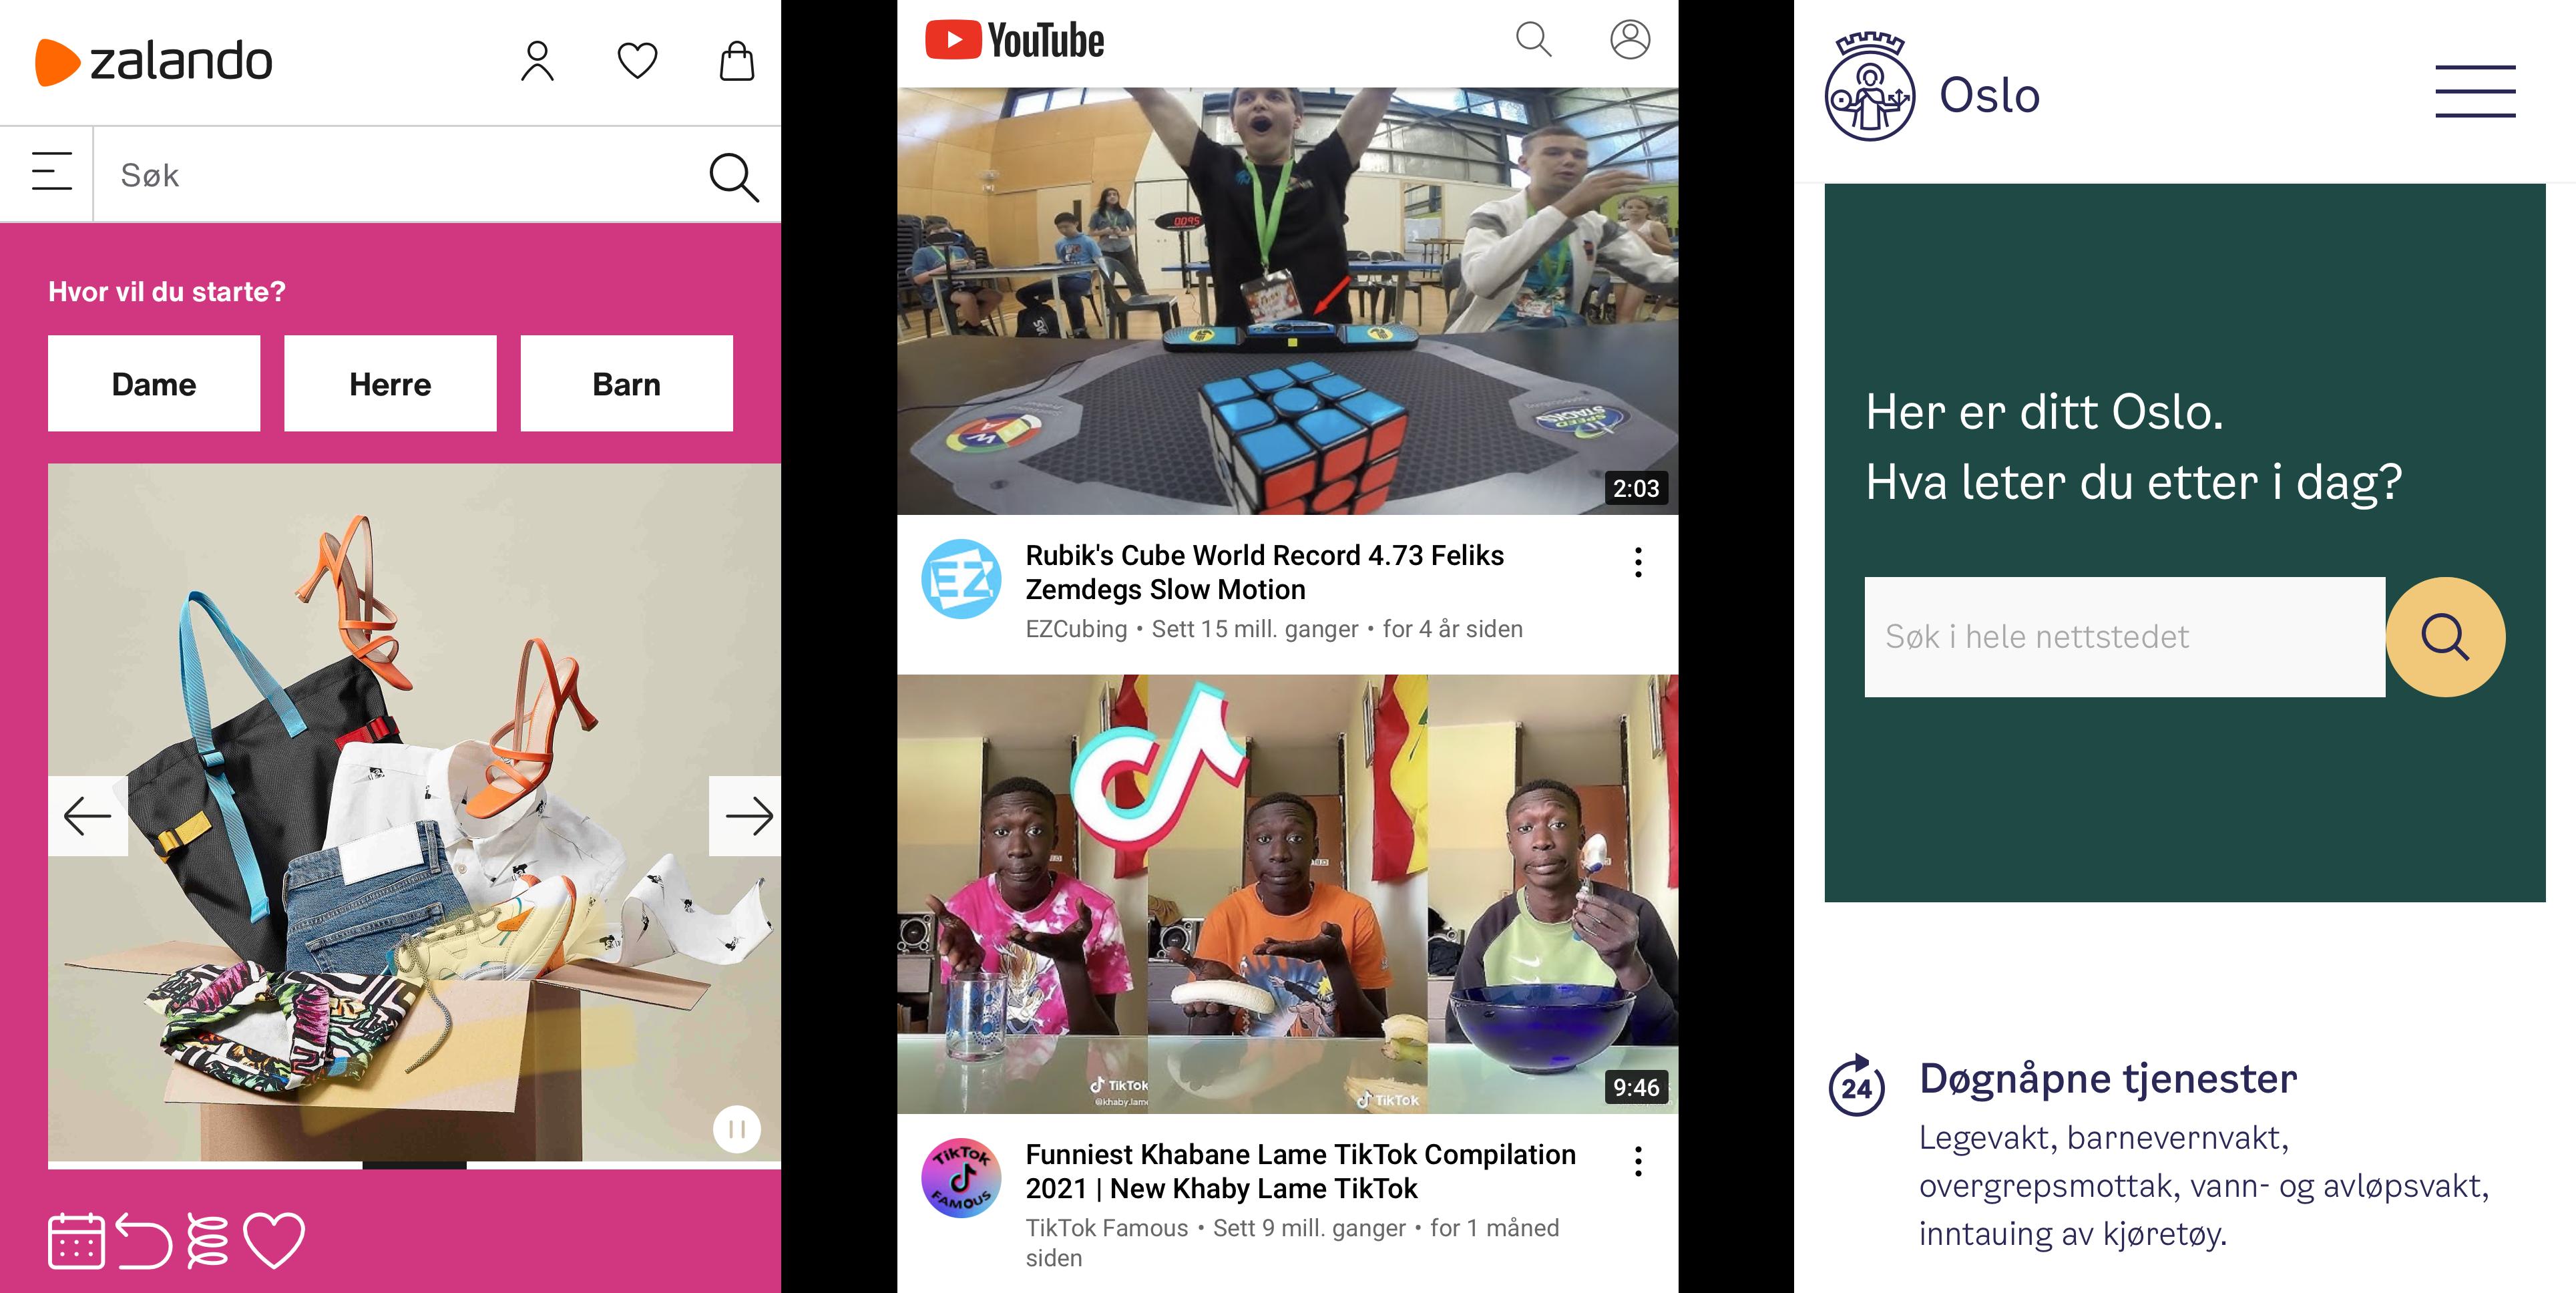 Skjermdumper fra Zalando, YouTube og Oslo kommune som viser like søke-ikoner